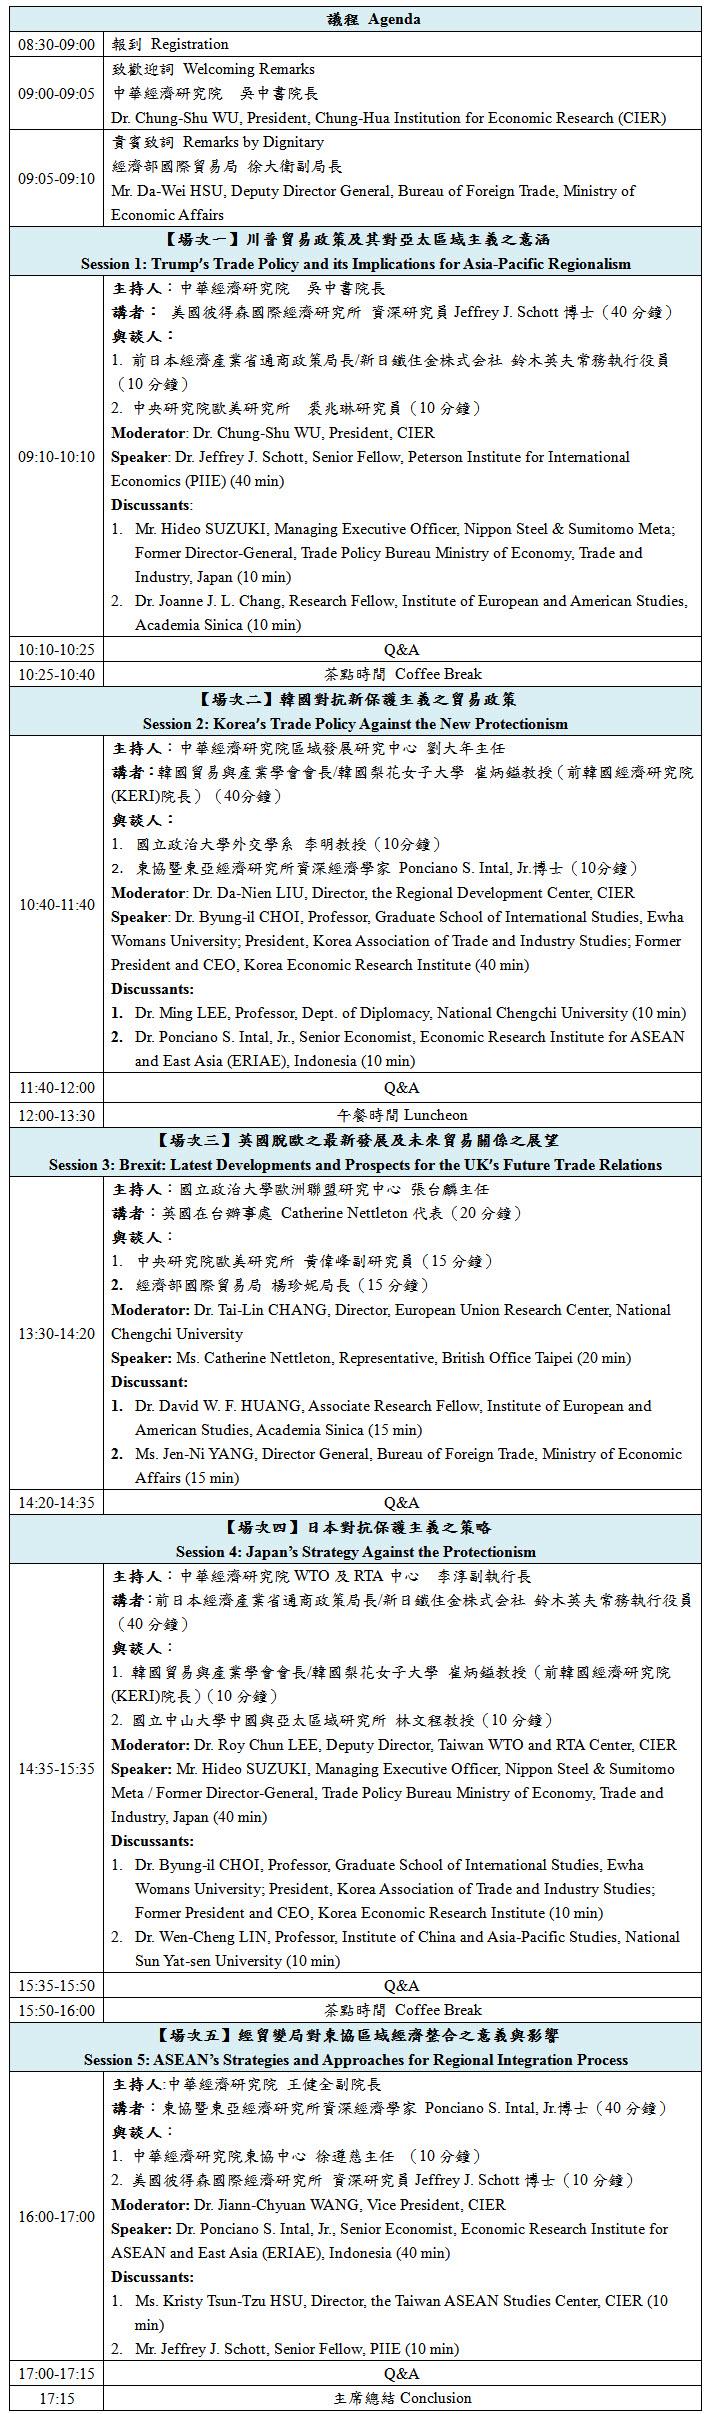 標題-經貿變局對經貿自由化及區域整合之影響與展望國際研討會議程